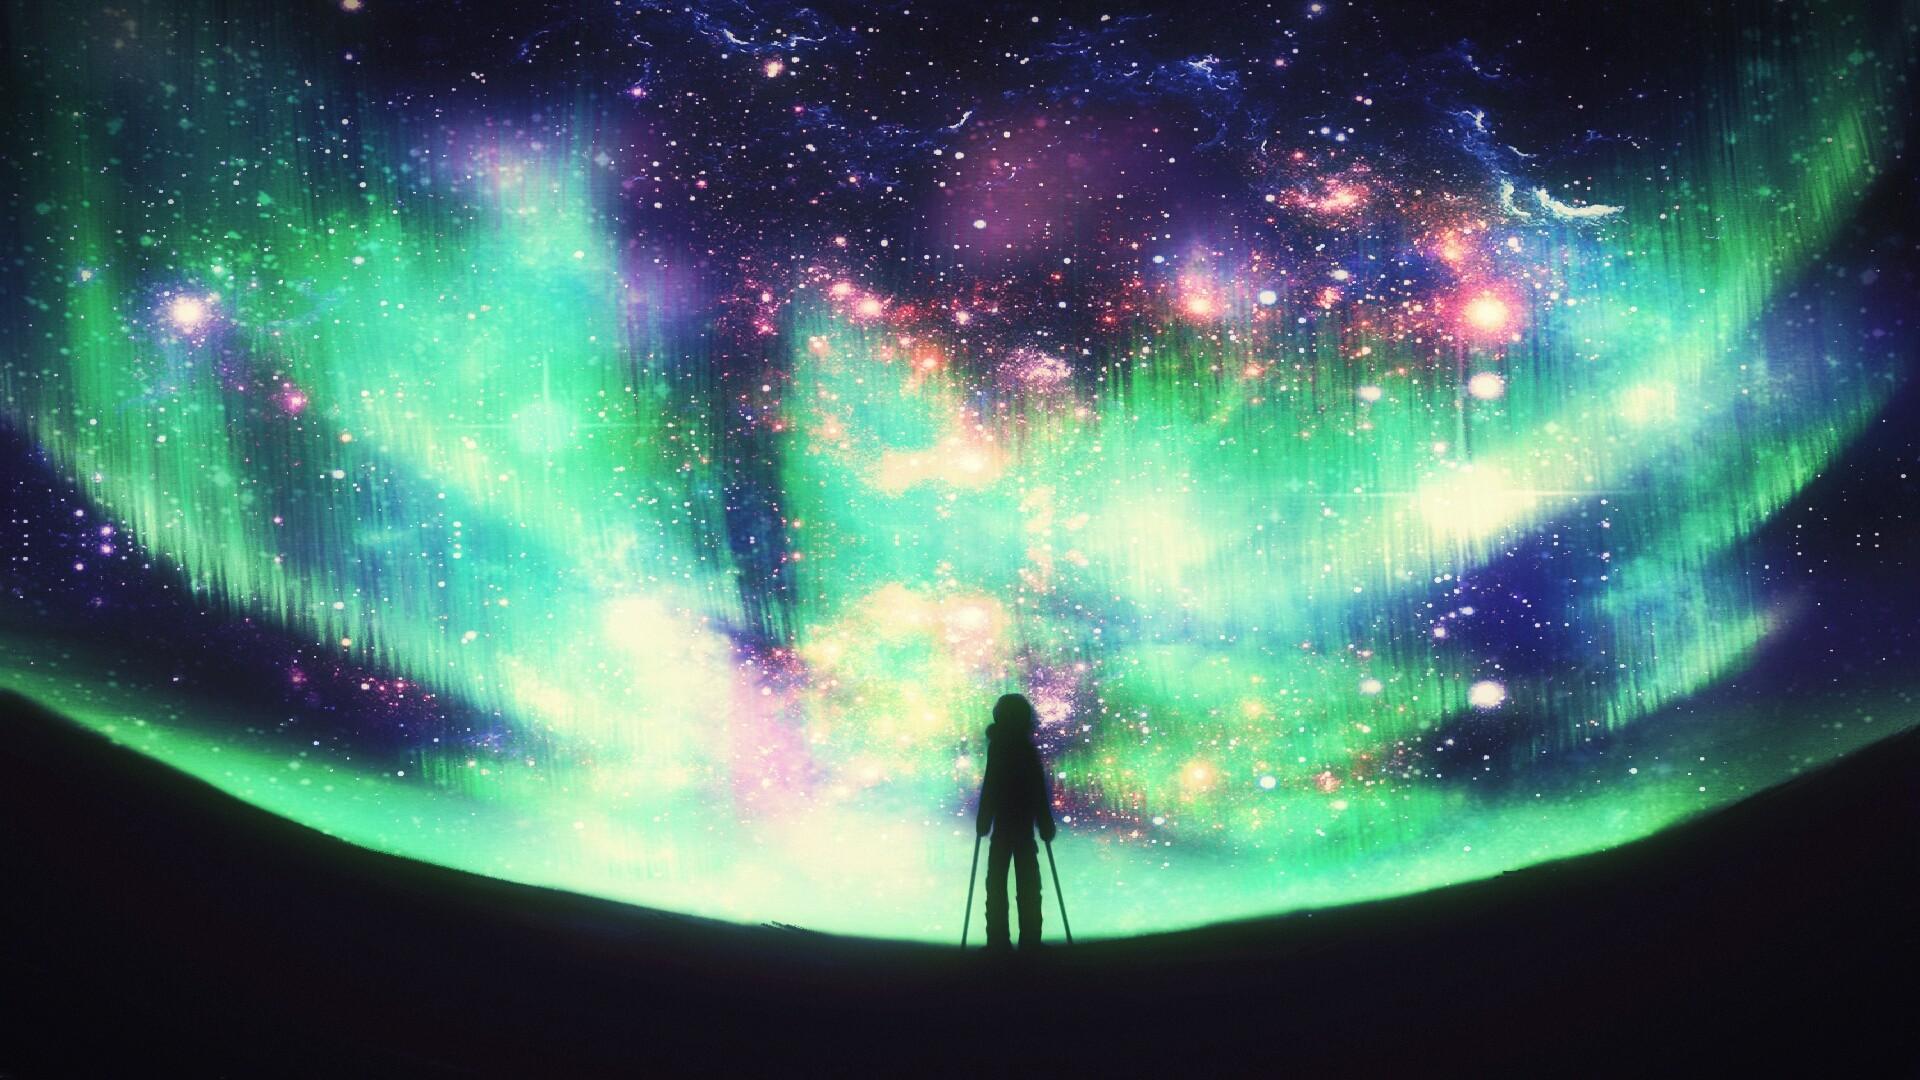 eru trần painting galaxy